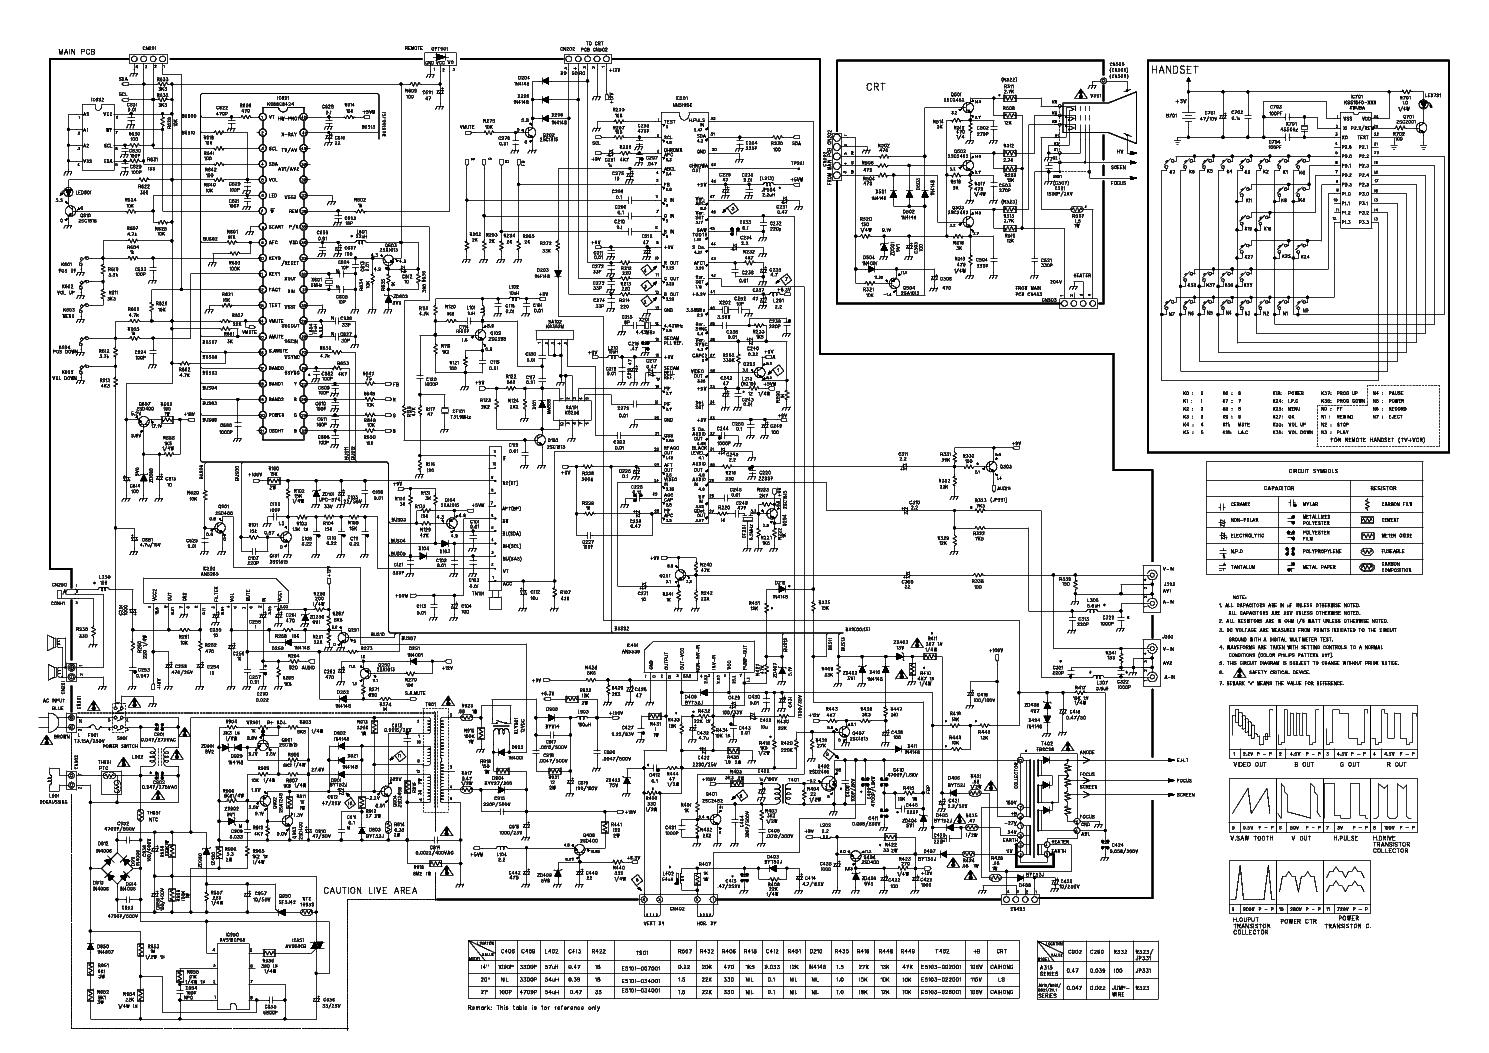 принципиальная схема erisson 1465